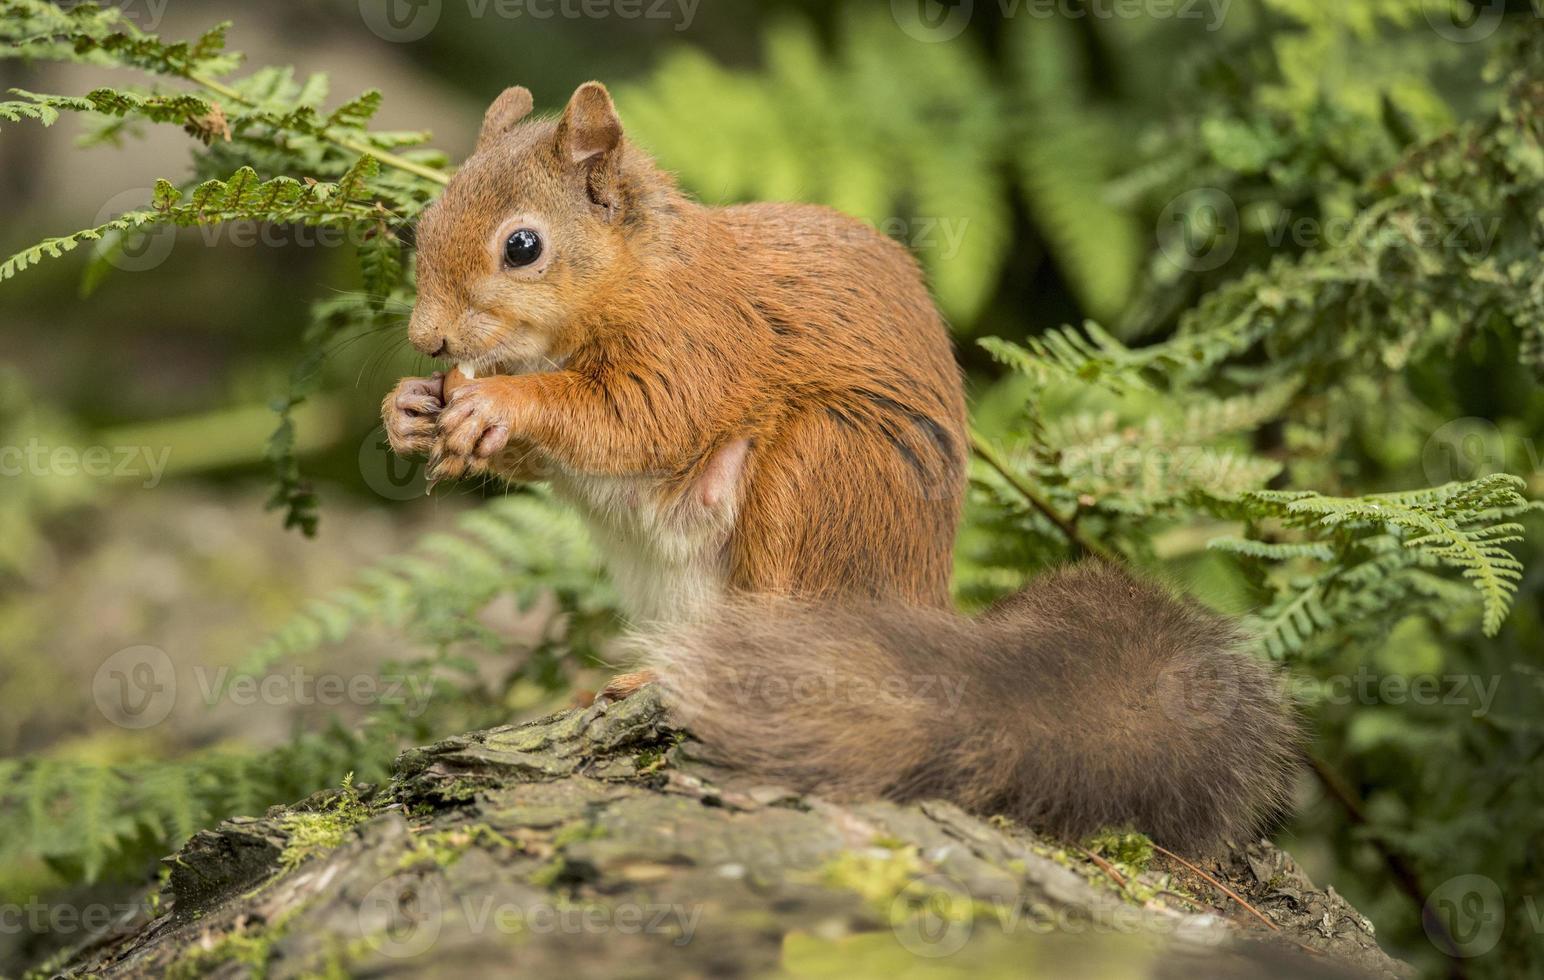 rotes Eichhörnchen, Sciurus vulgaris, sitzend auf einem Baumstamm foto